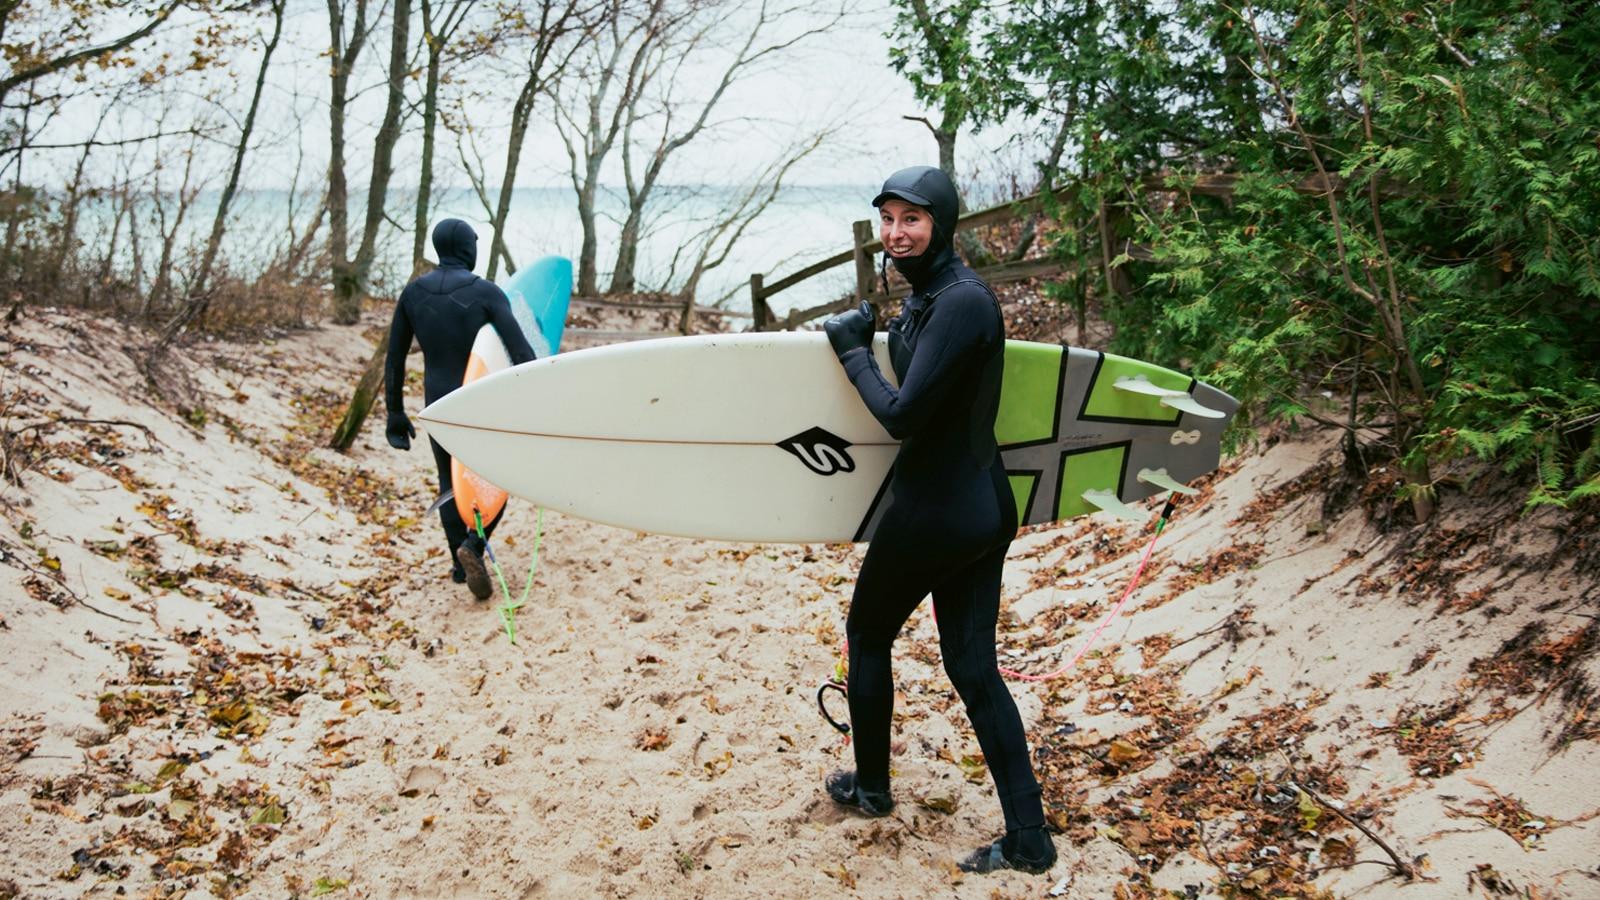 Dos surfistas en trajes de neopreno caminando por un sendero arenoso hacia el lago Michigan.